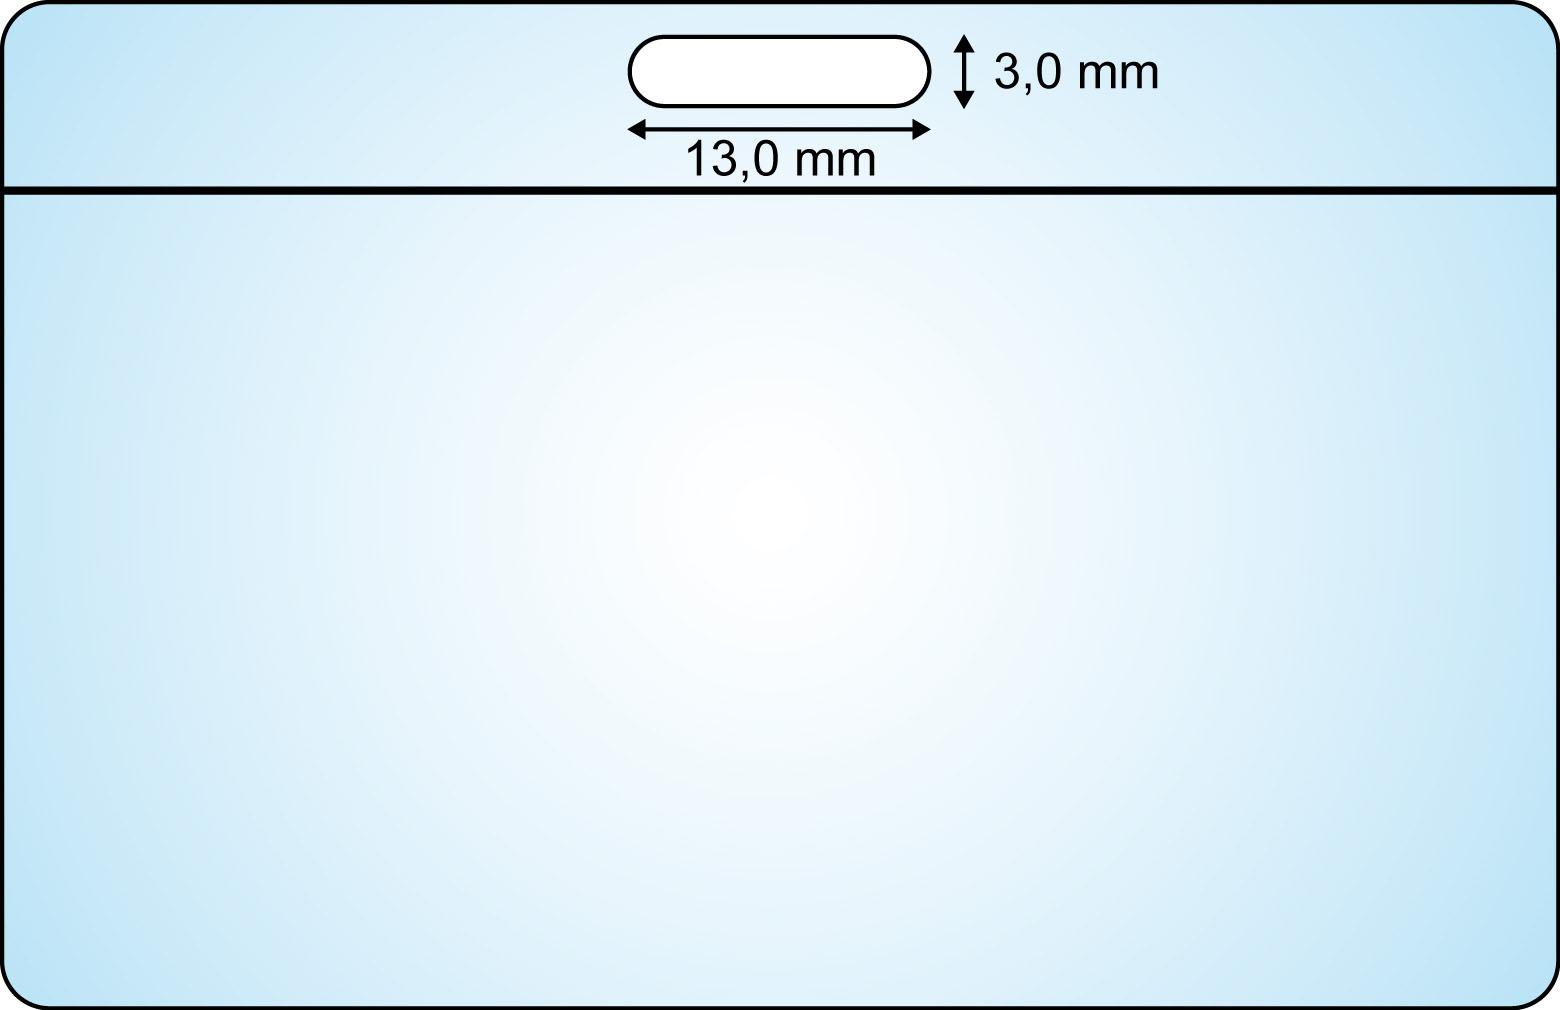 Ausweislocher 13  x 3 mm (Langloch) – Bild 2